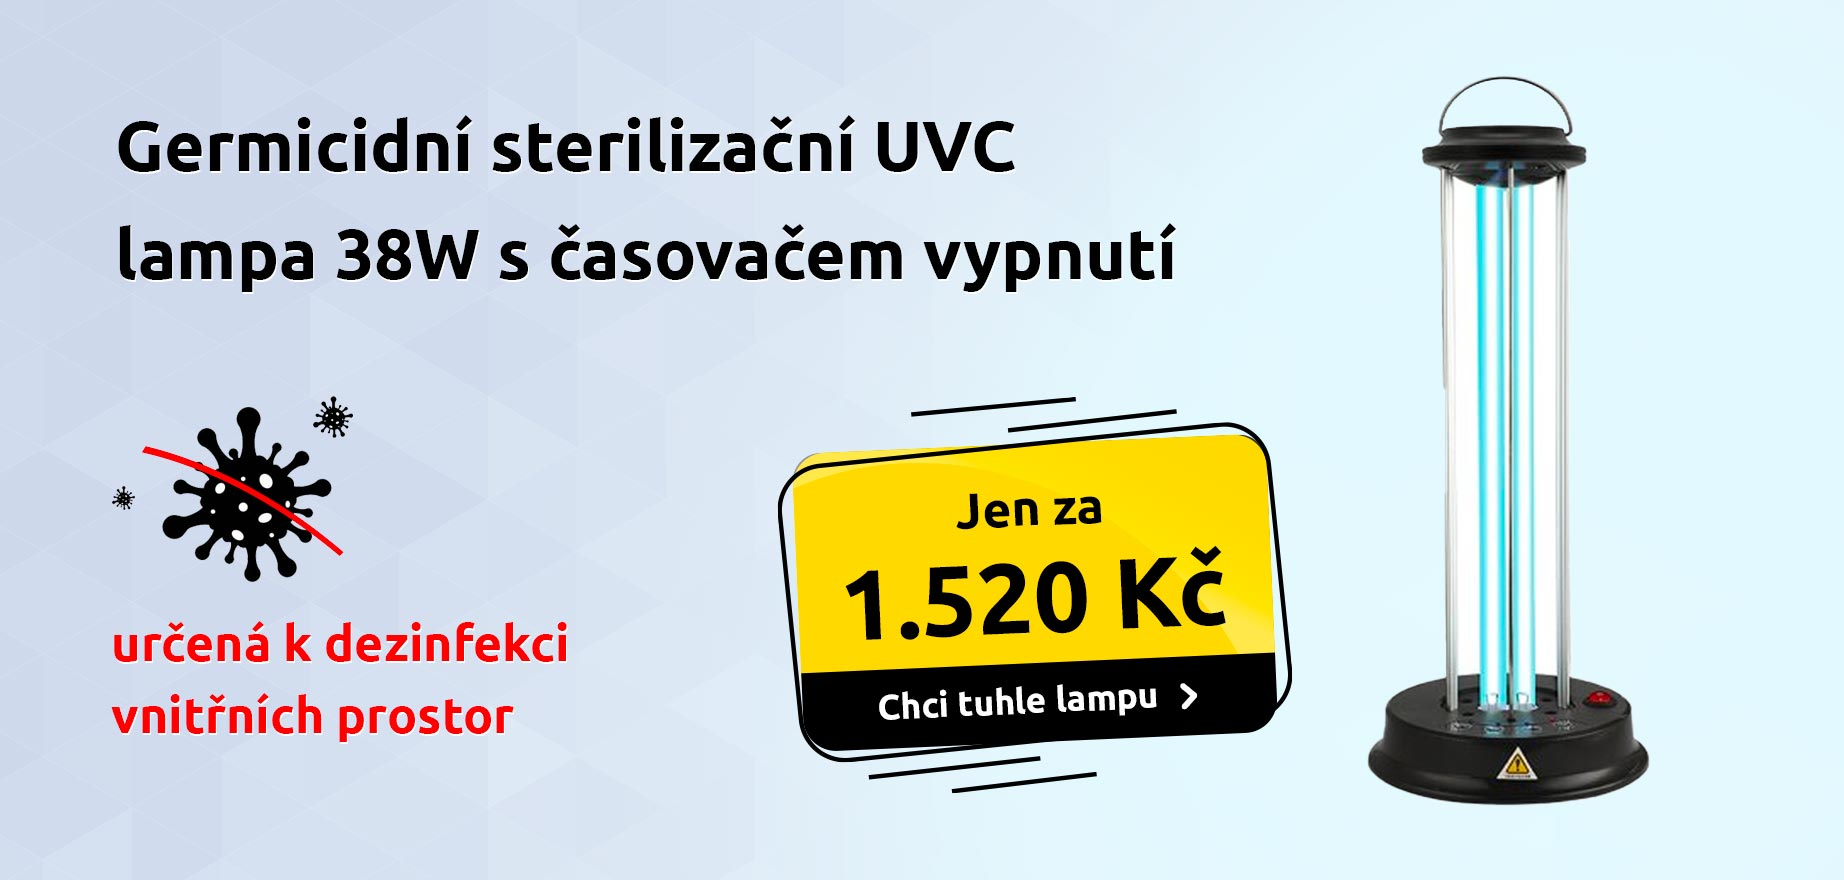 Germicidní sterilizační UVC lampa 38W s časem vypnutí